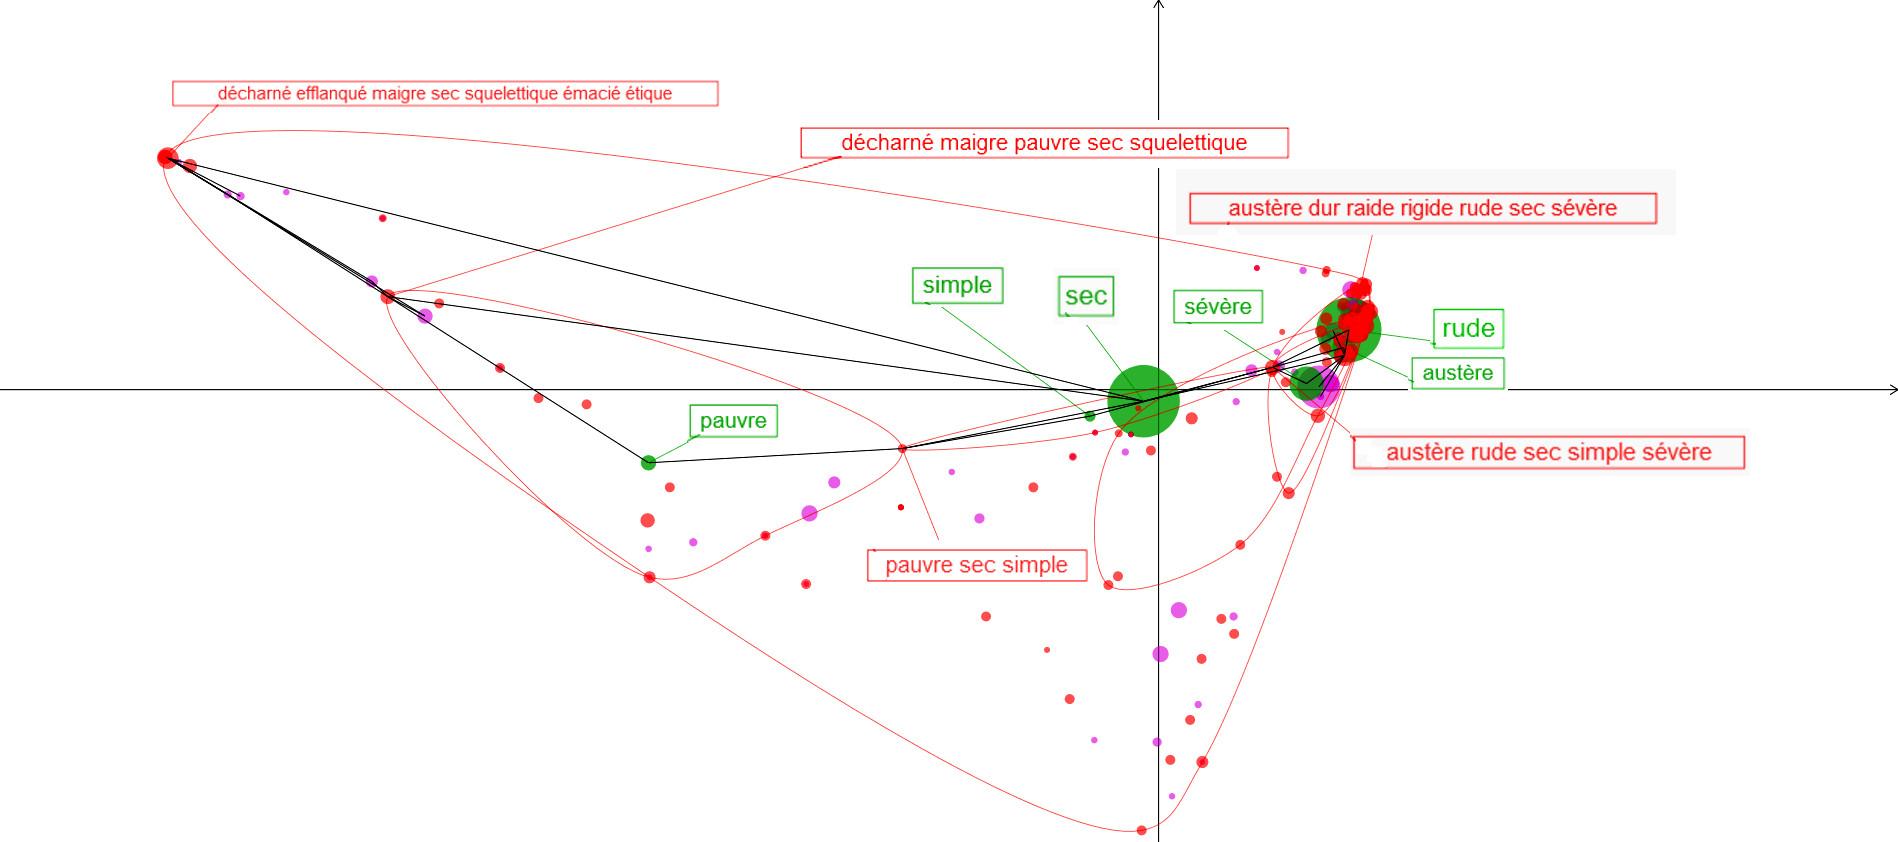 Figure 2: L'espace sémantique de l'adj. SEC visualisé par le DES sur le plan 1x3